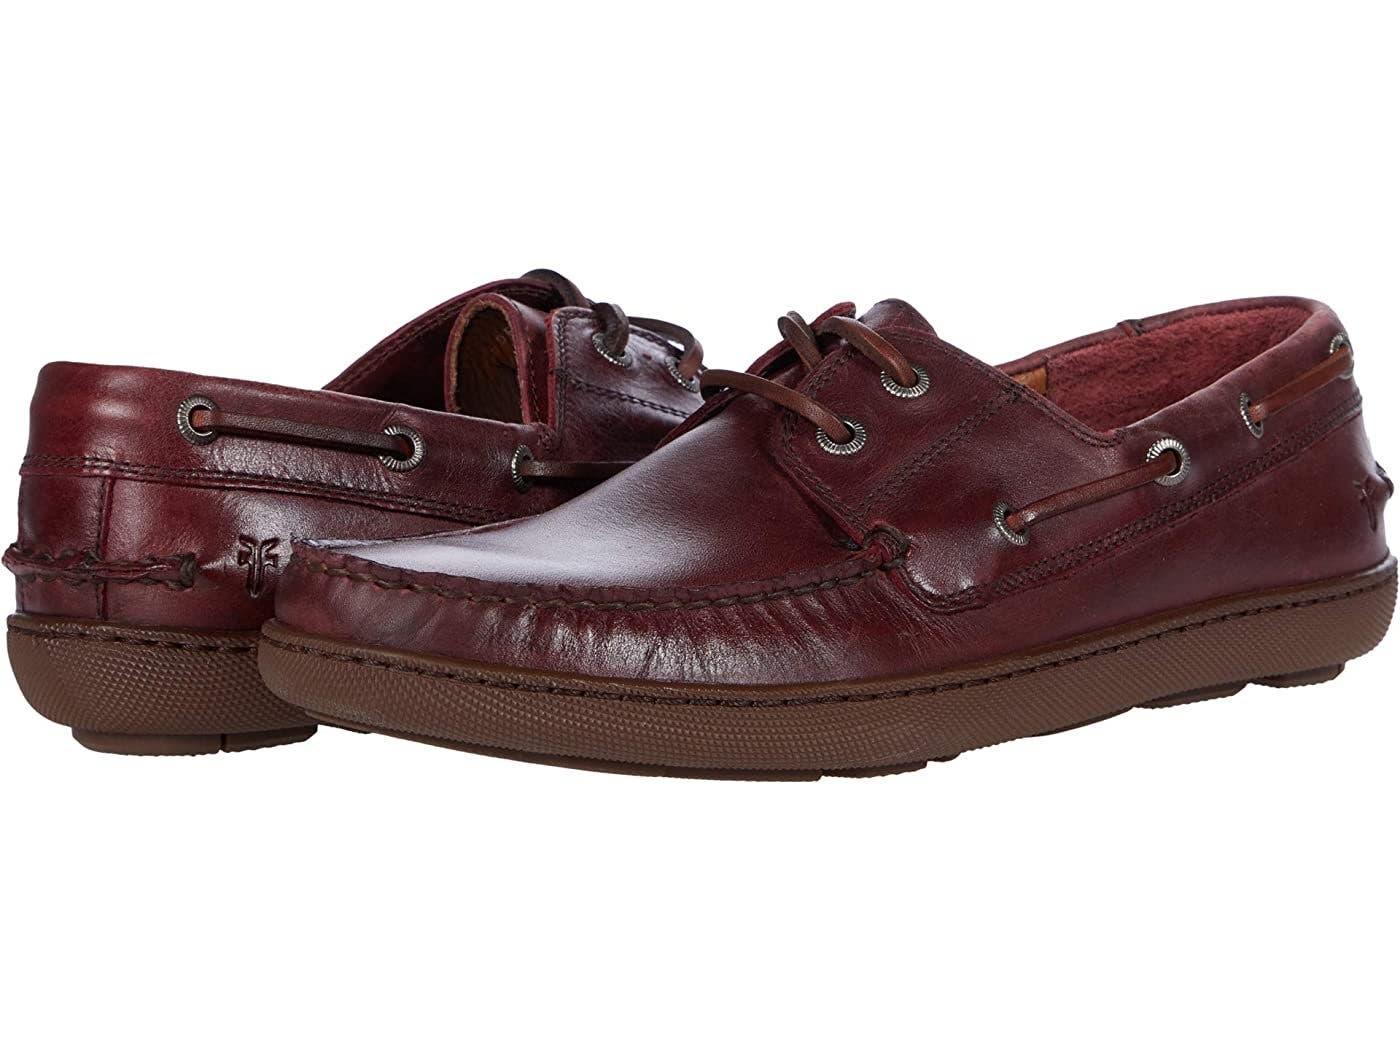 Frye boat shoe